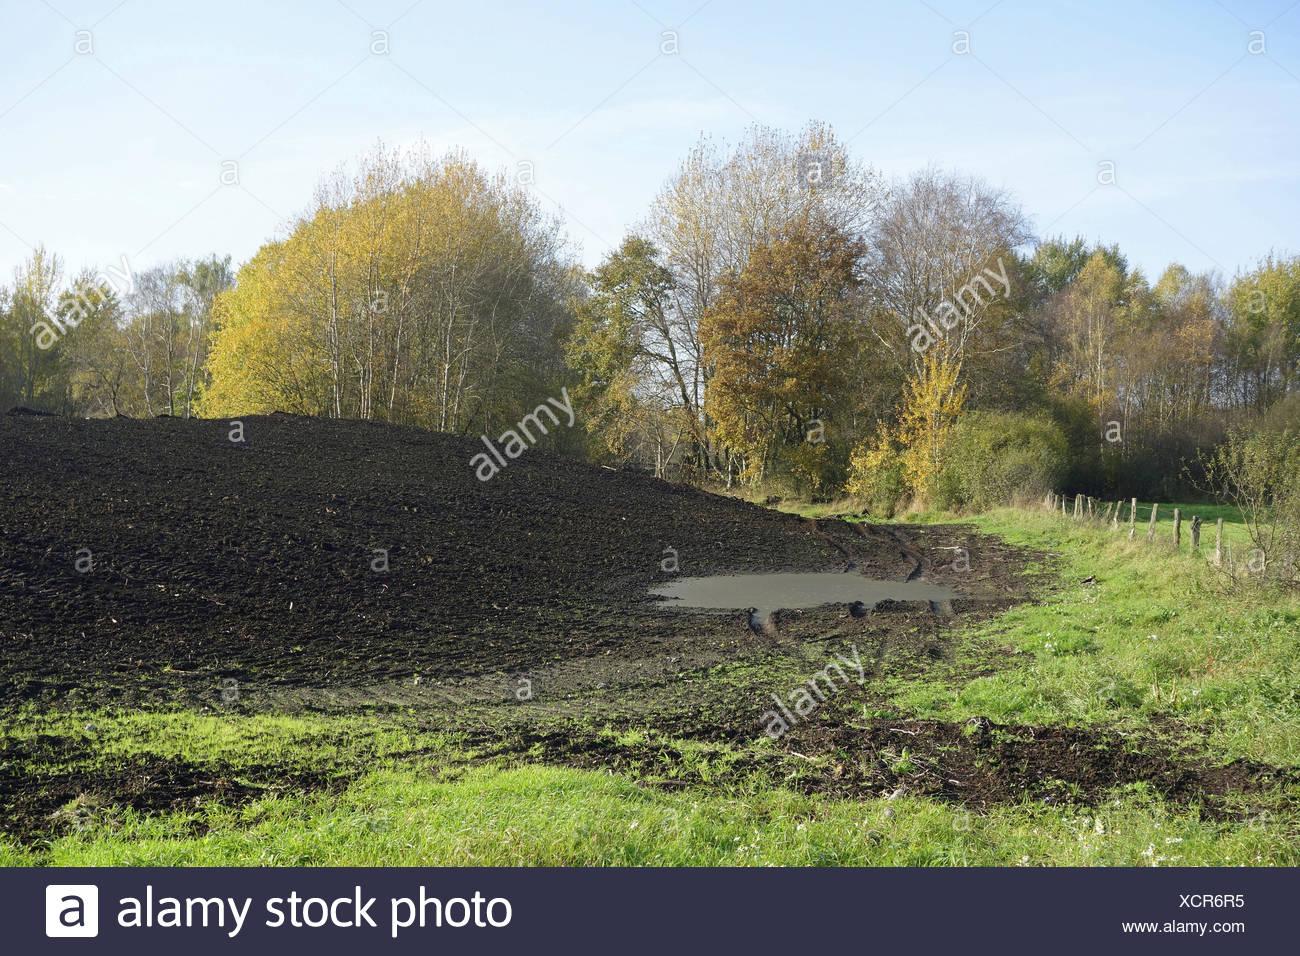 peat extraction Stock Photo